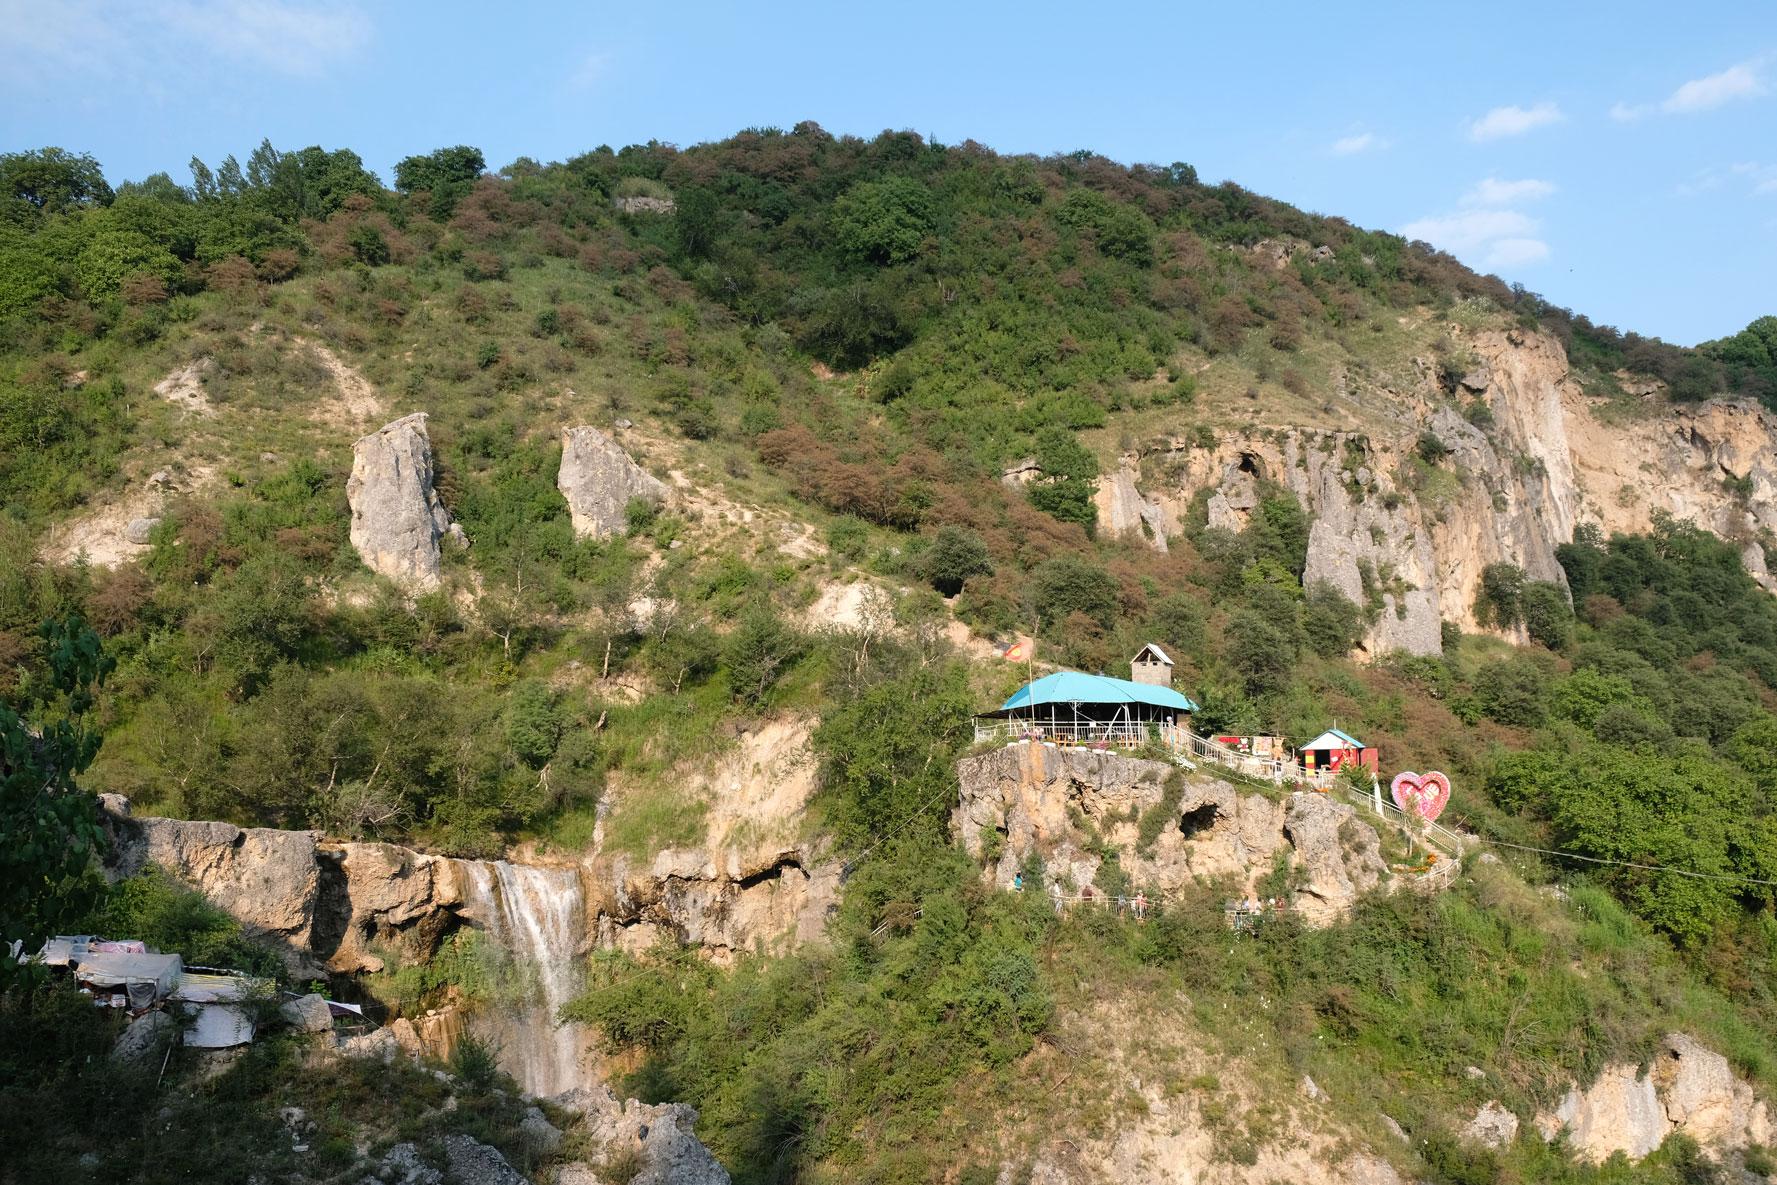 Zwischen den Ständen finden wri schließlich doch noch eine Lücke und können zum Wasserfall hinüberschauen